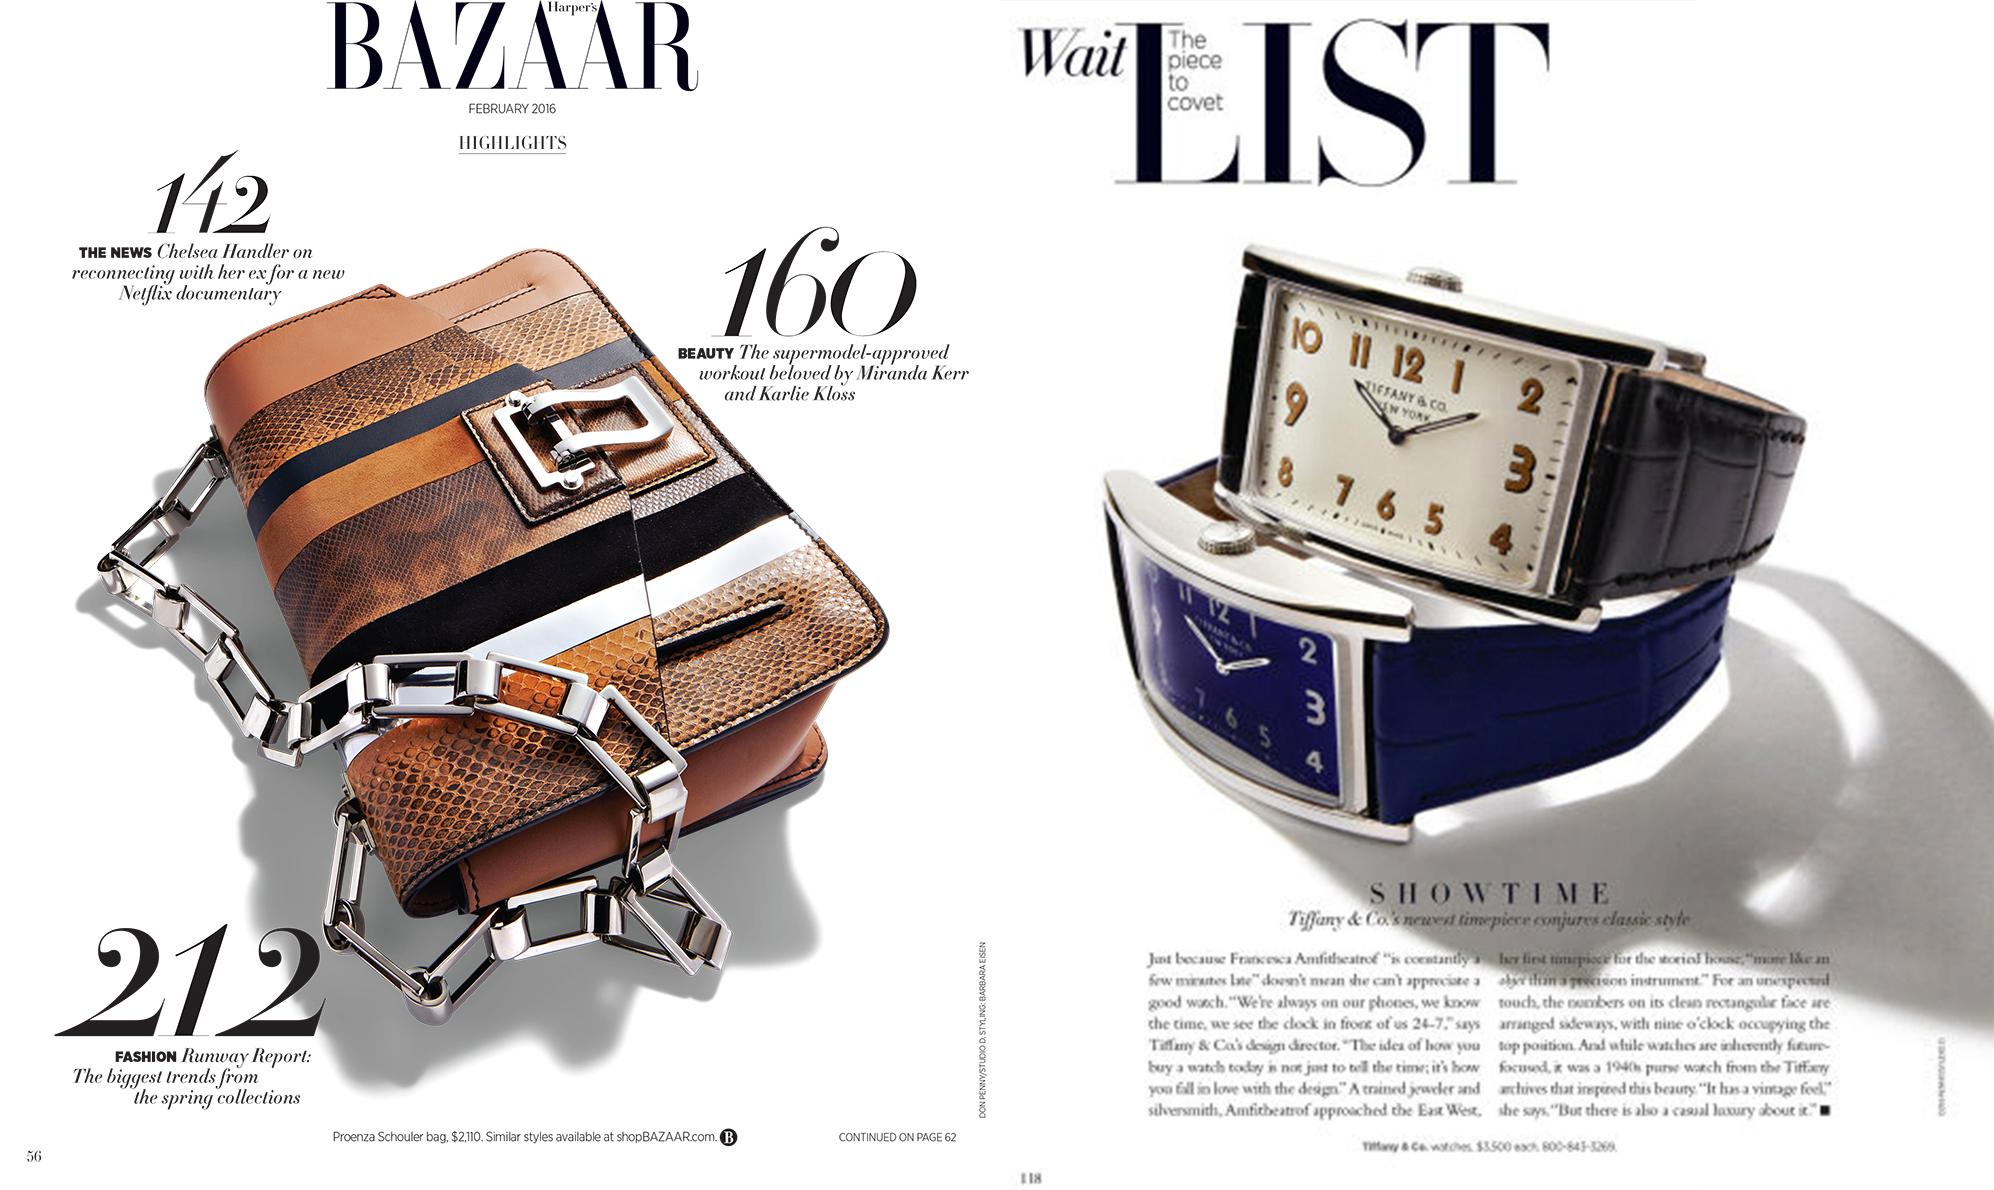 HBZ Striped clutch Watches.jpg